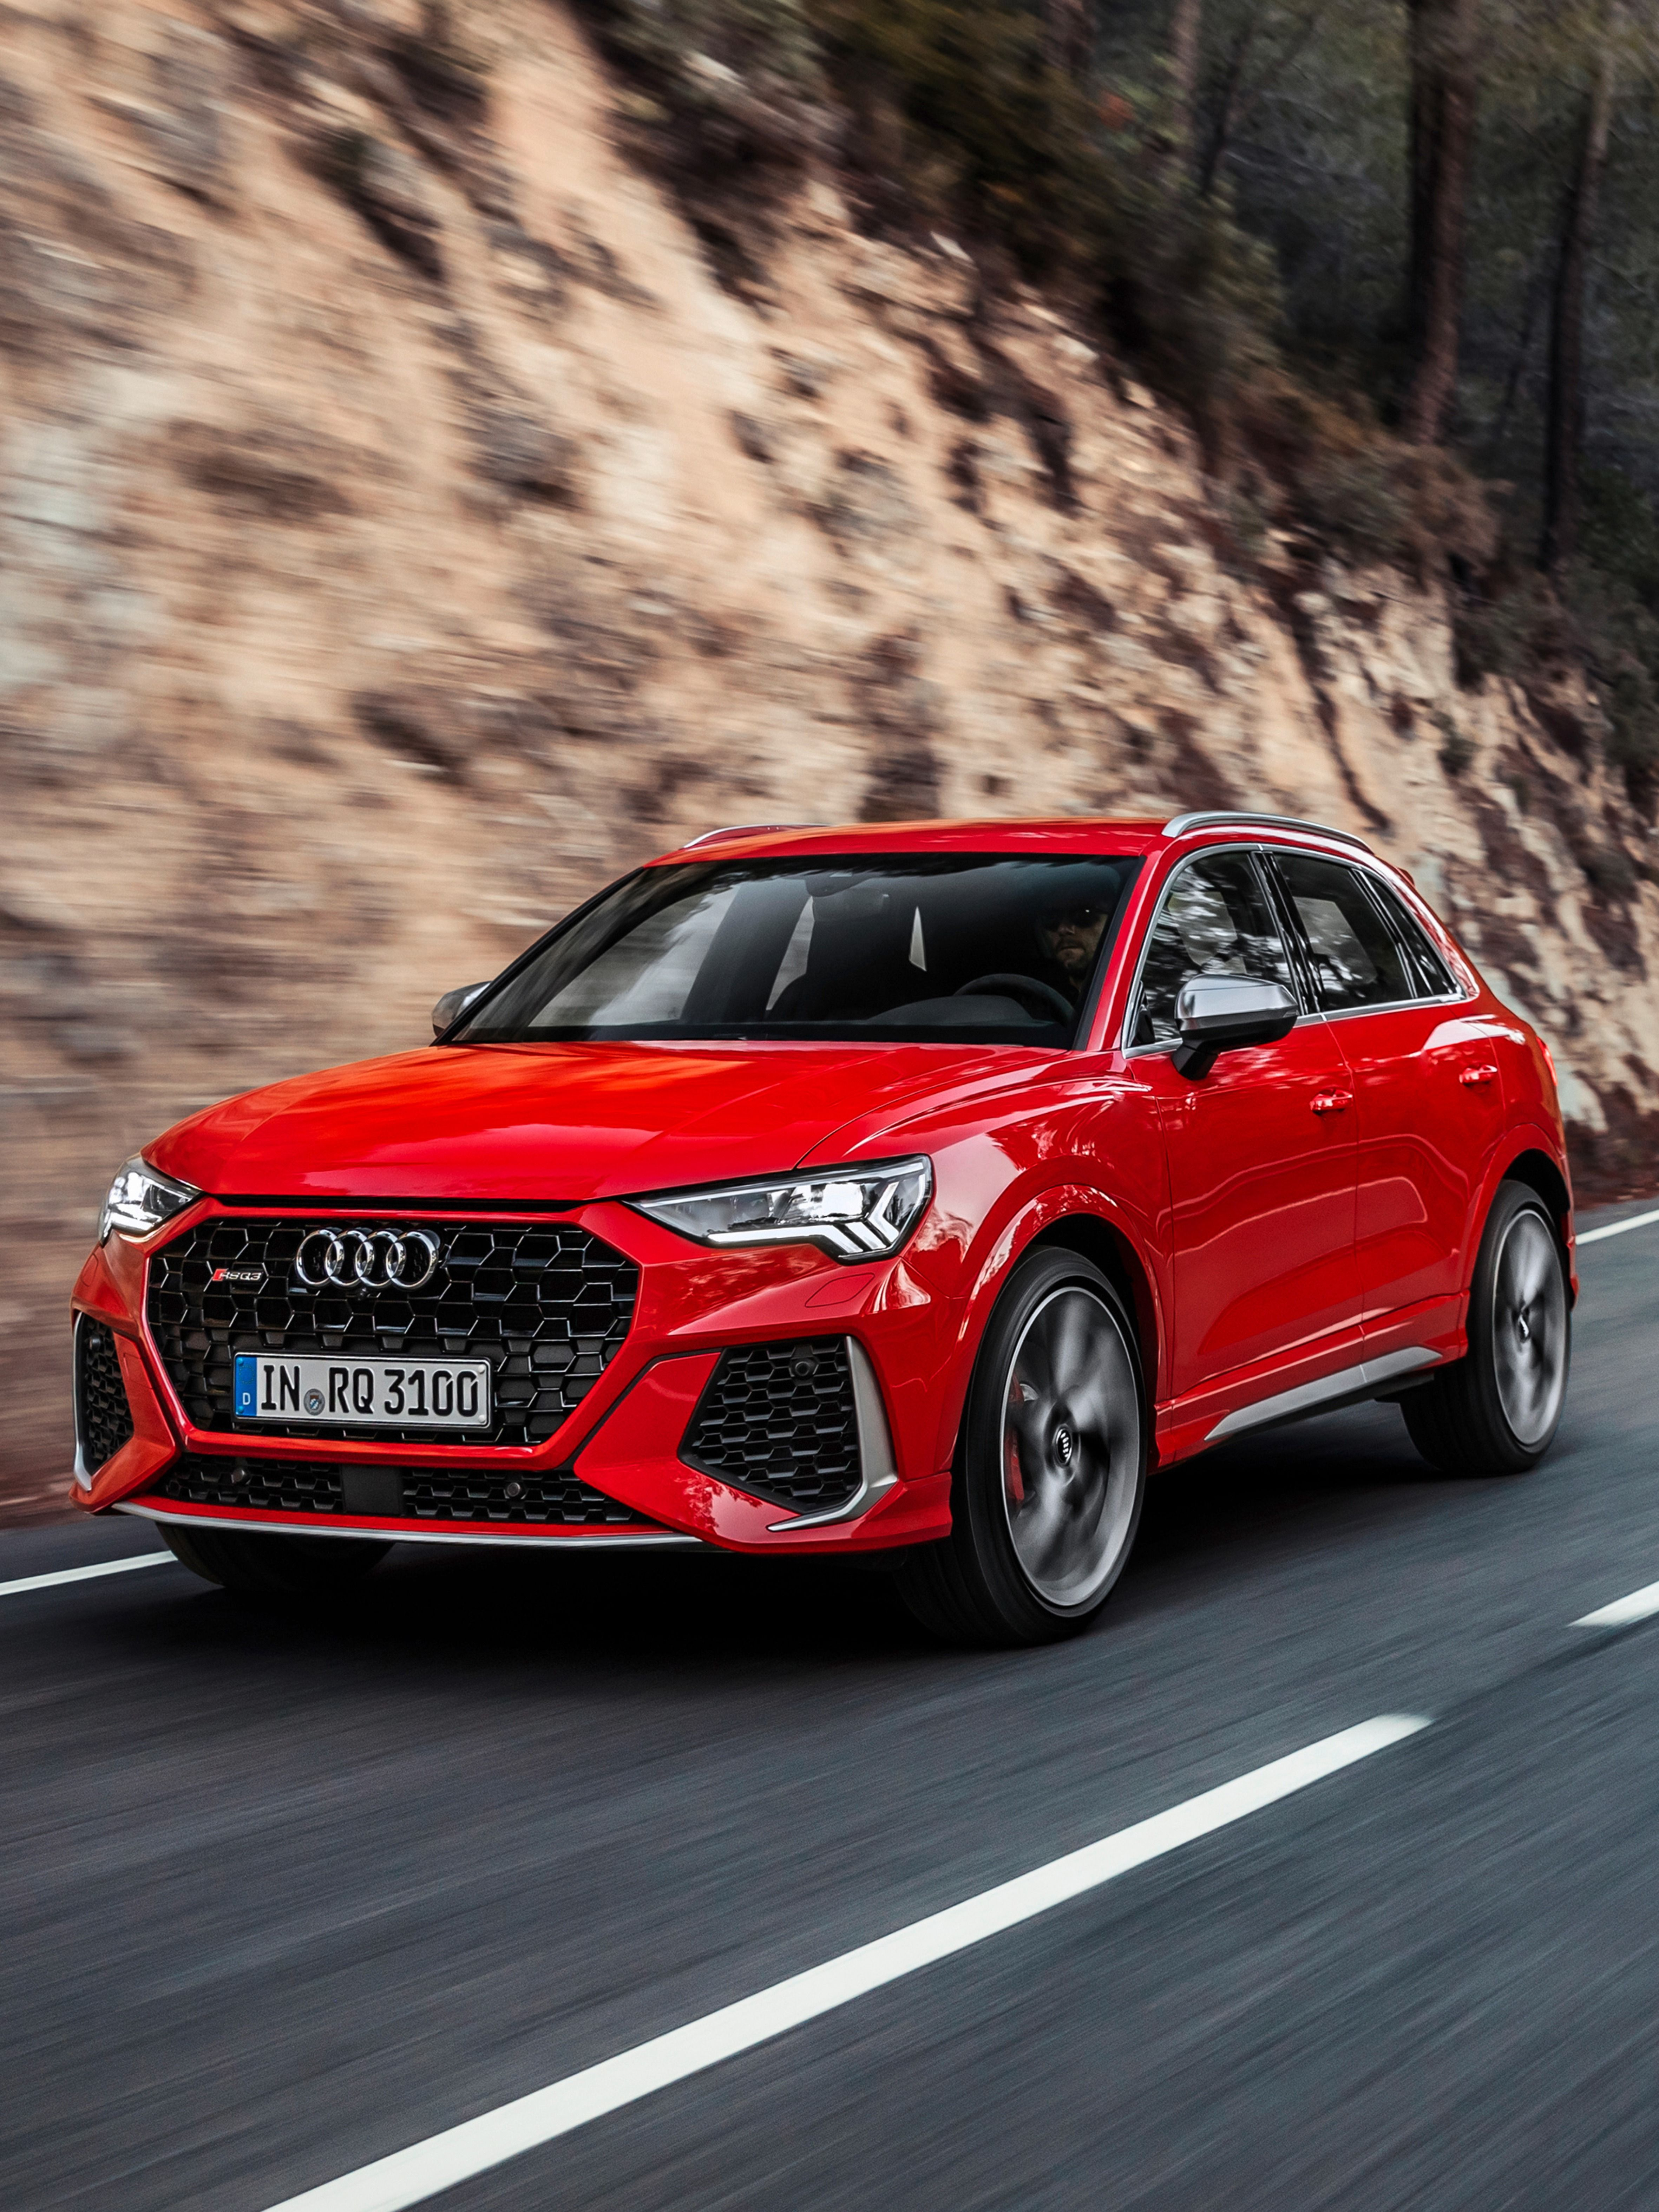 Audi Rs Q3 Nieuw In 2020 Audi Q3 Audi Audi Rs